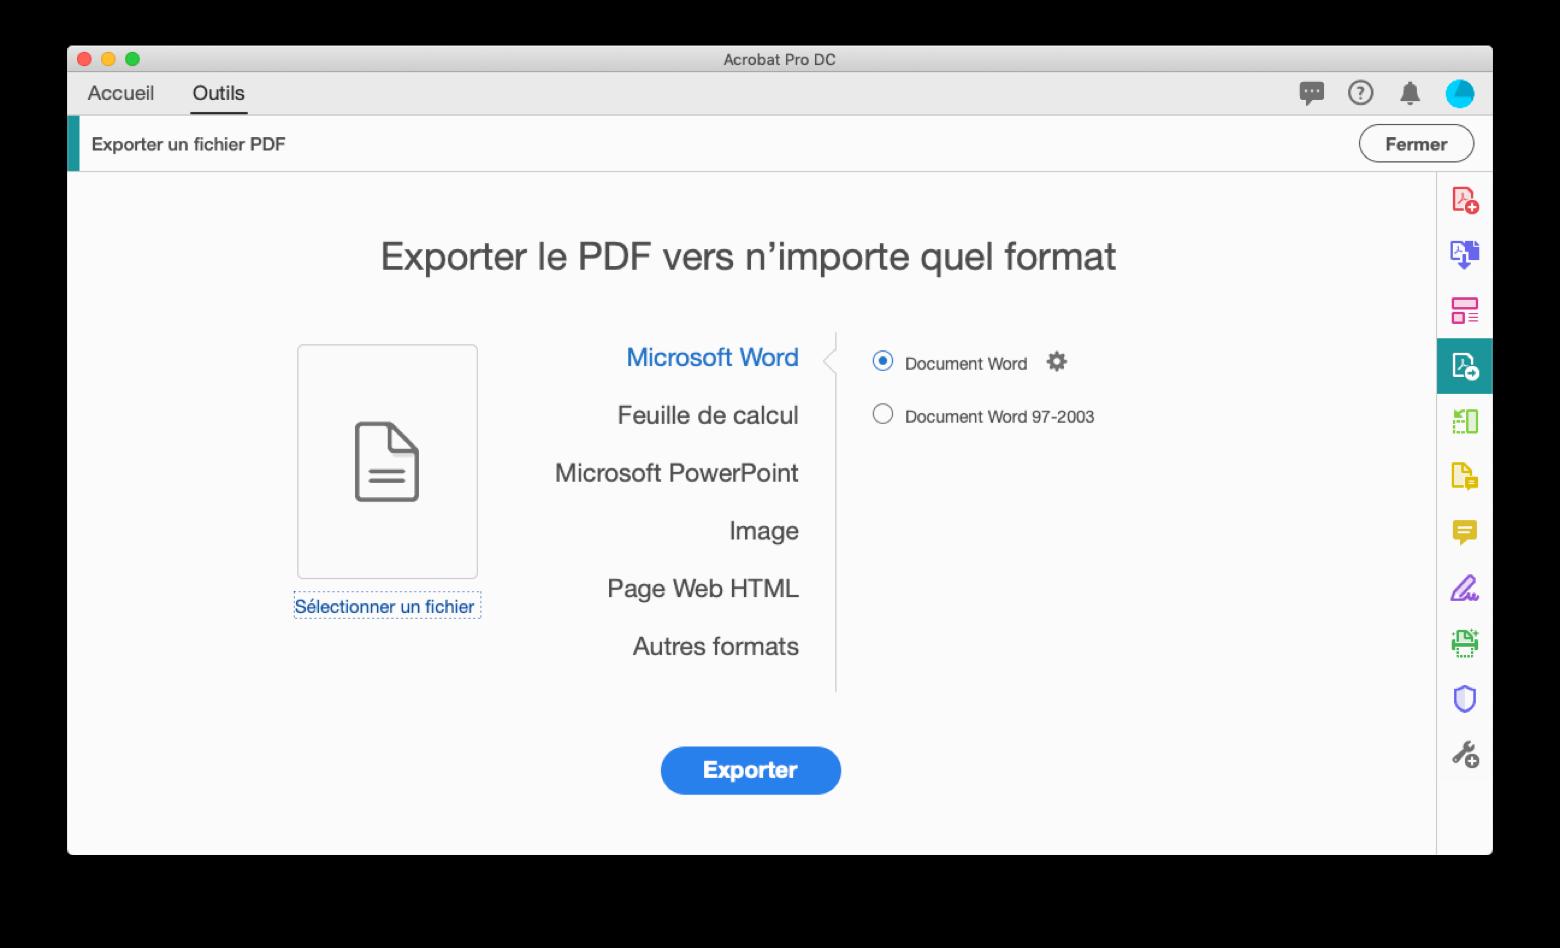 Exporter à partir d'un fichier PDF avec Adobe Acrobat Pro